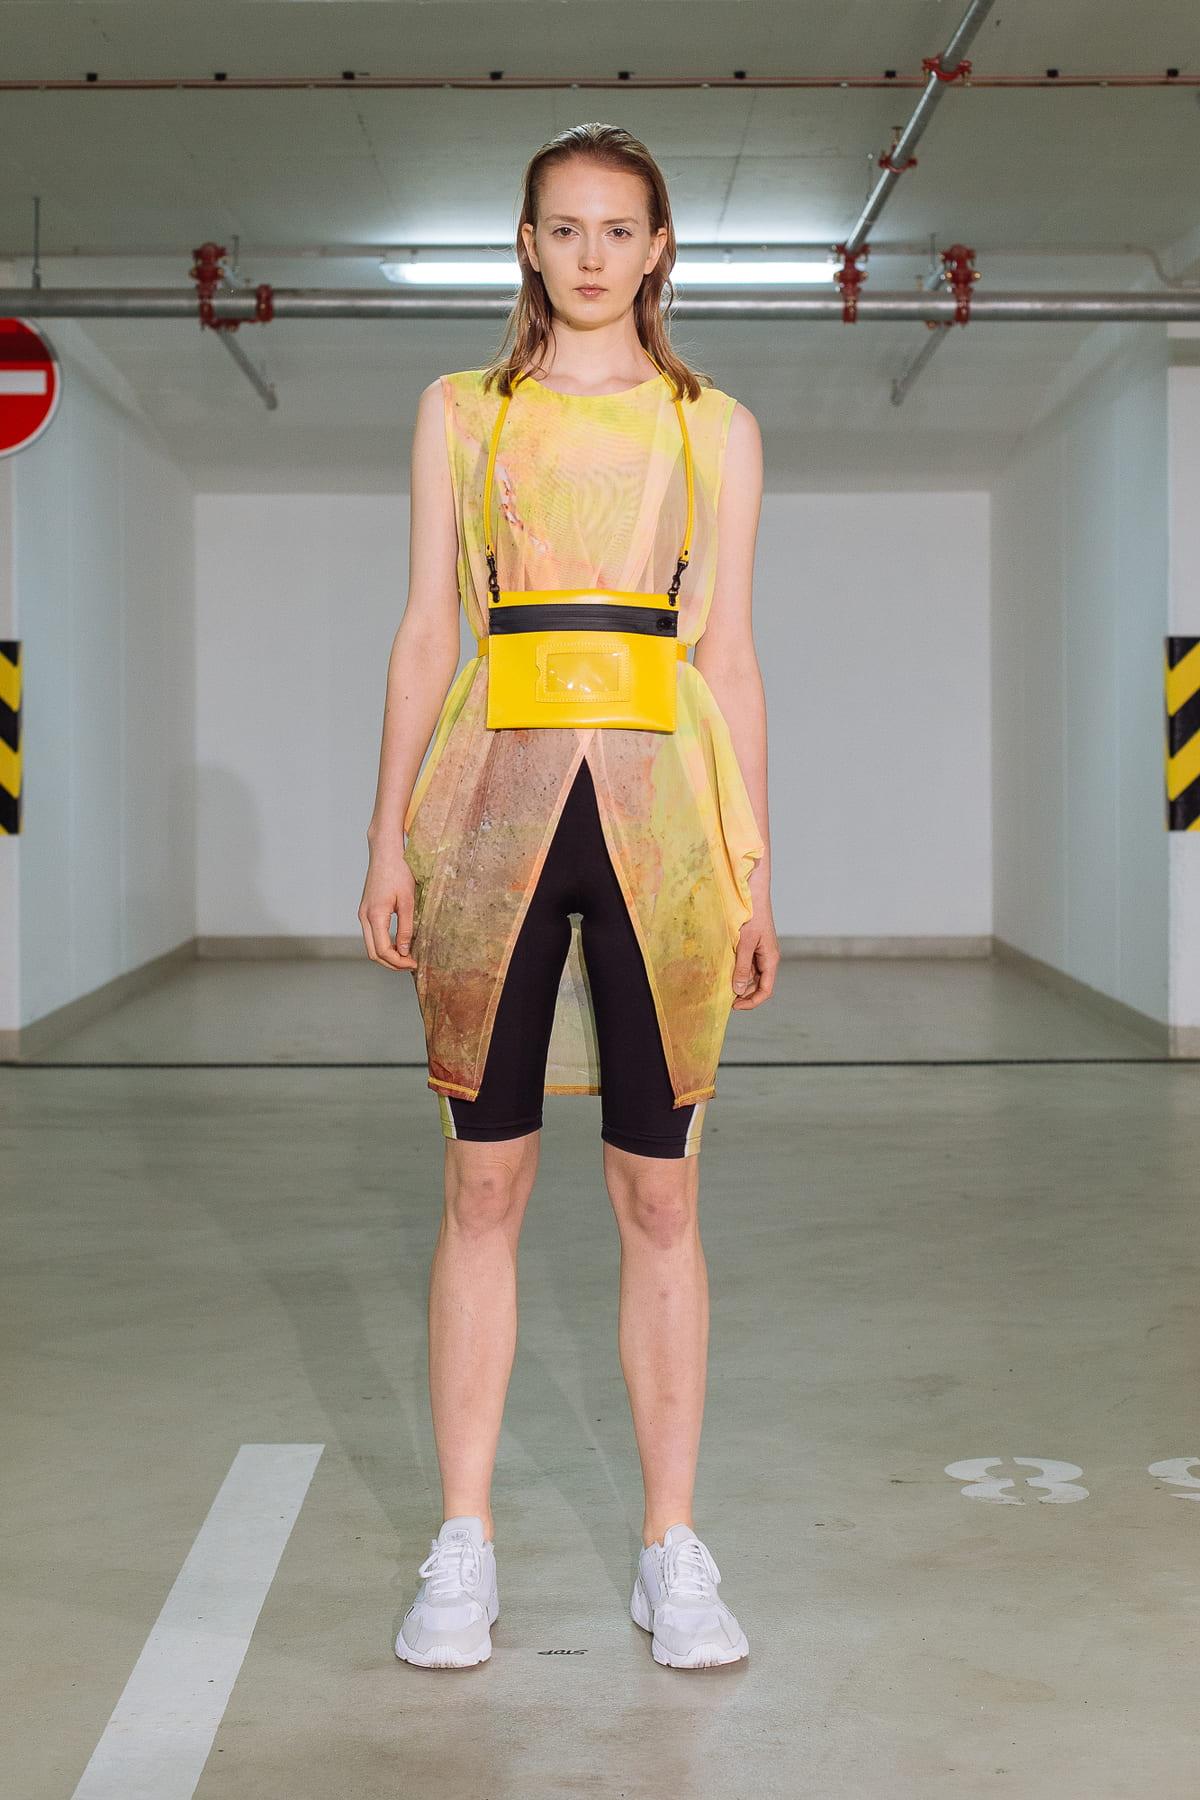 Nejlepší outfity z módní přehlídky EXI(S)T 2019